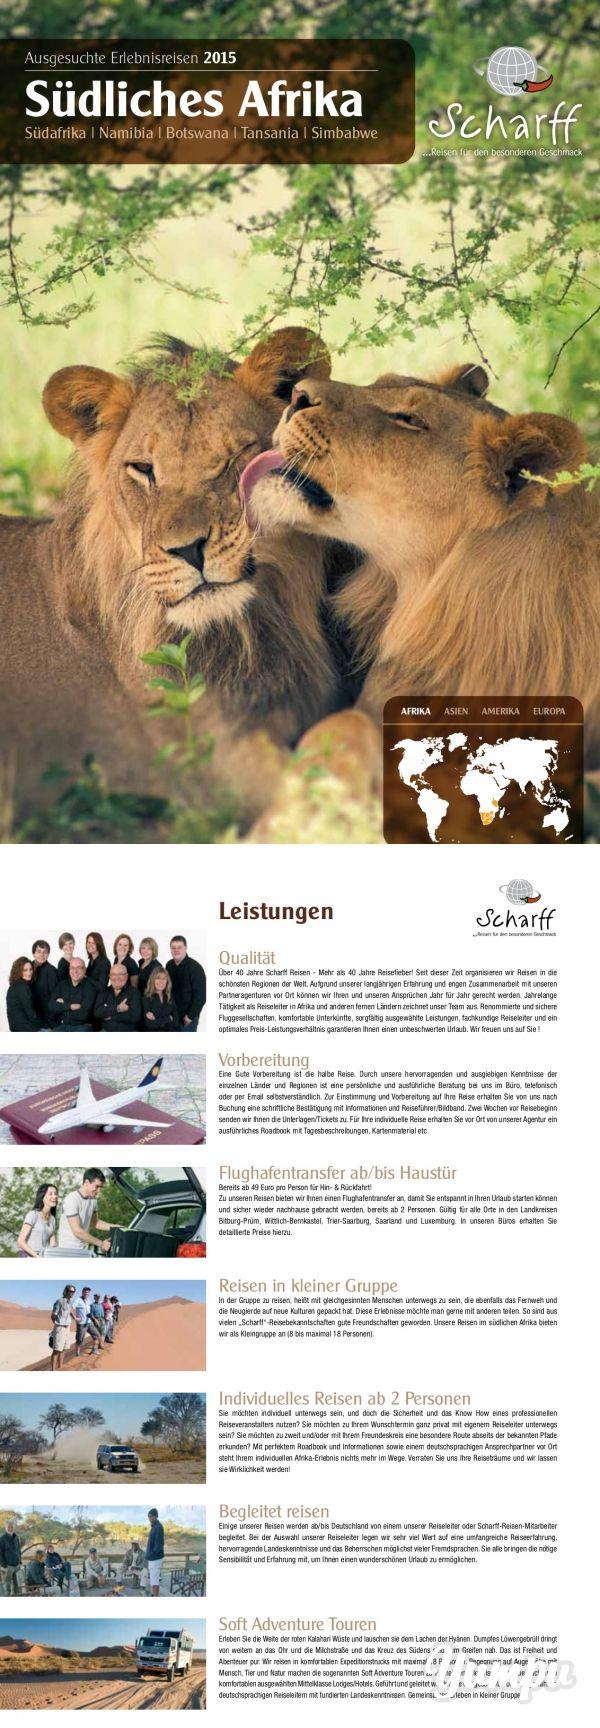 Scharff Reisen - Südliches Afrika 2015 - Magazine with 44 pages: Ausgesuchte Erlebnisreisen nach Südafrika, Namibia, Botswana, Tansania und Simbabwe